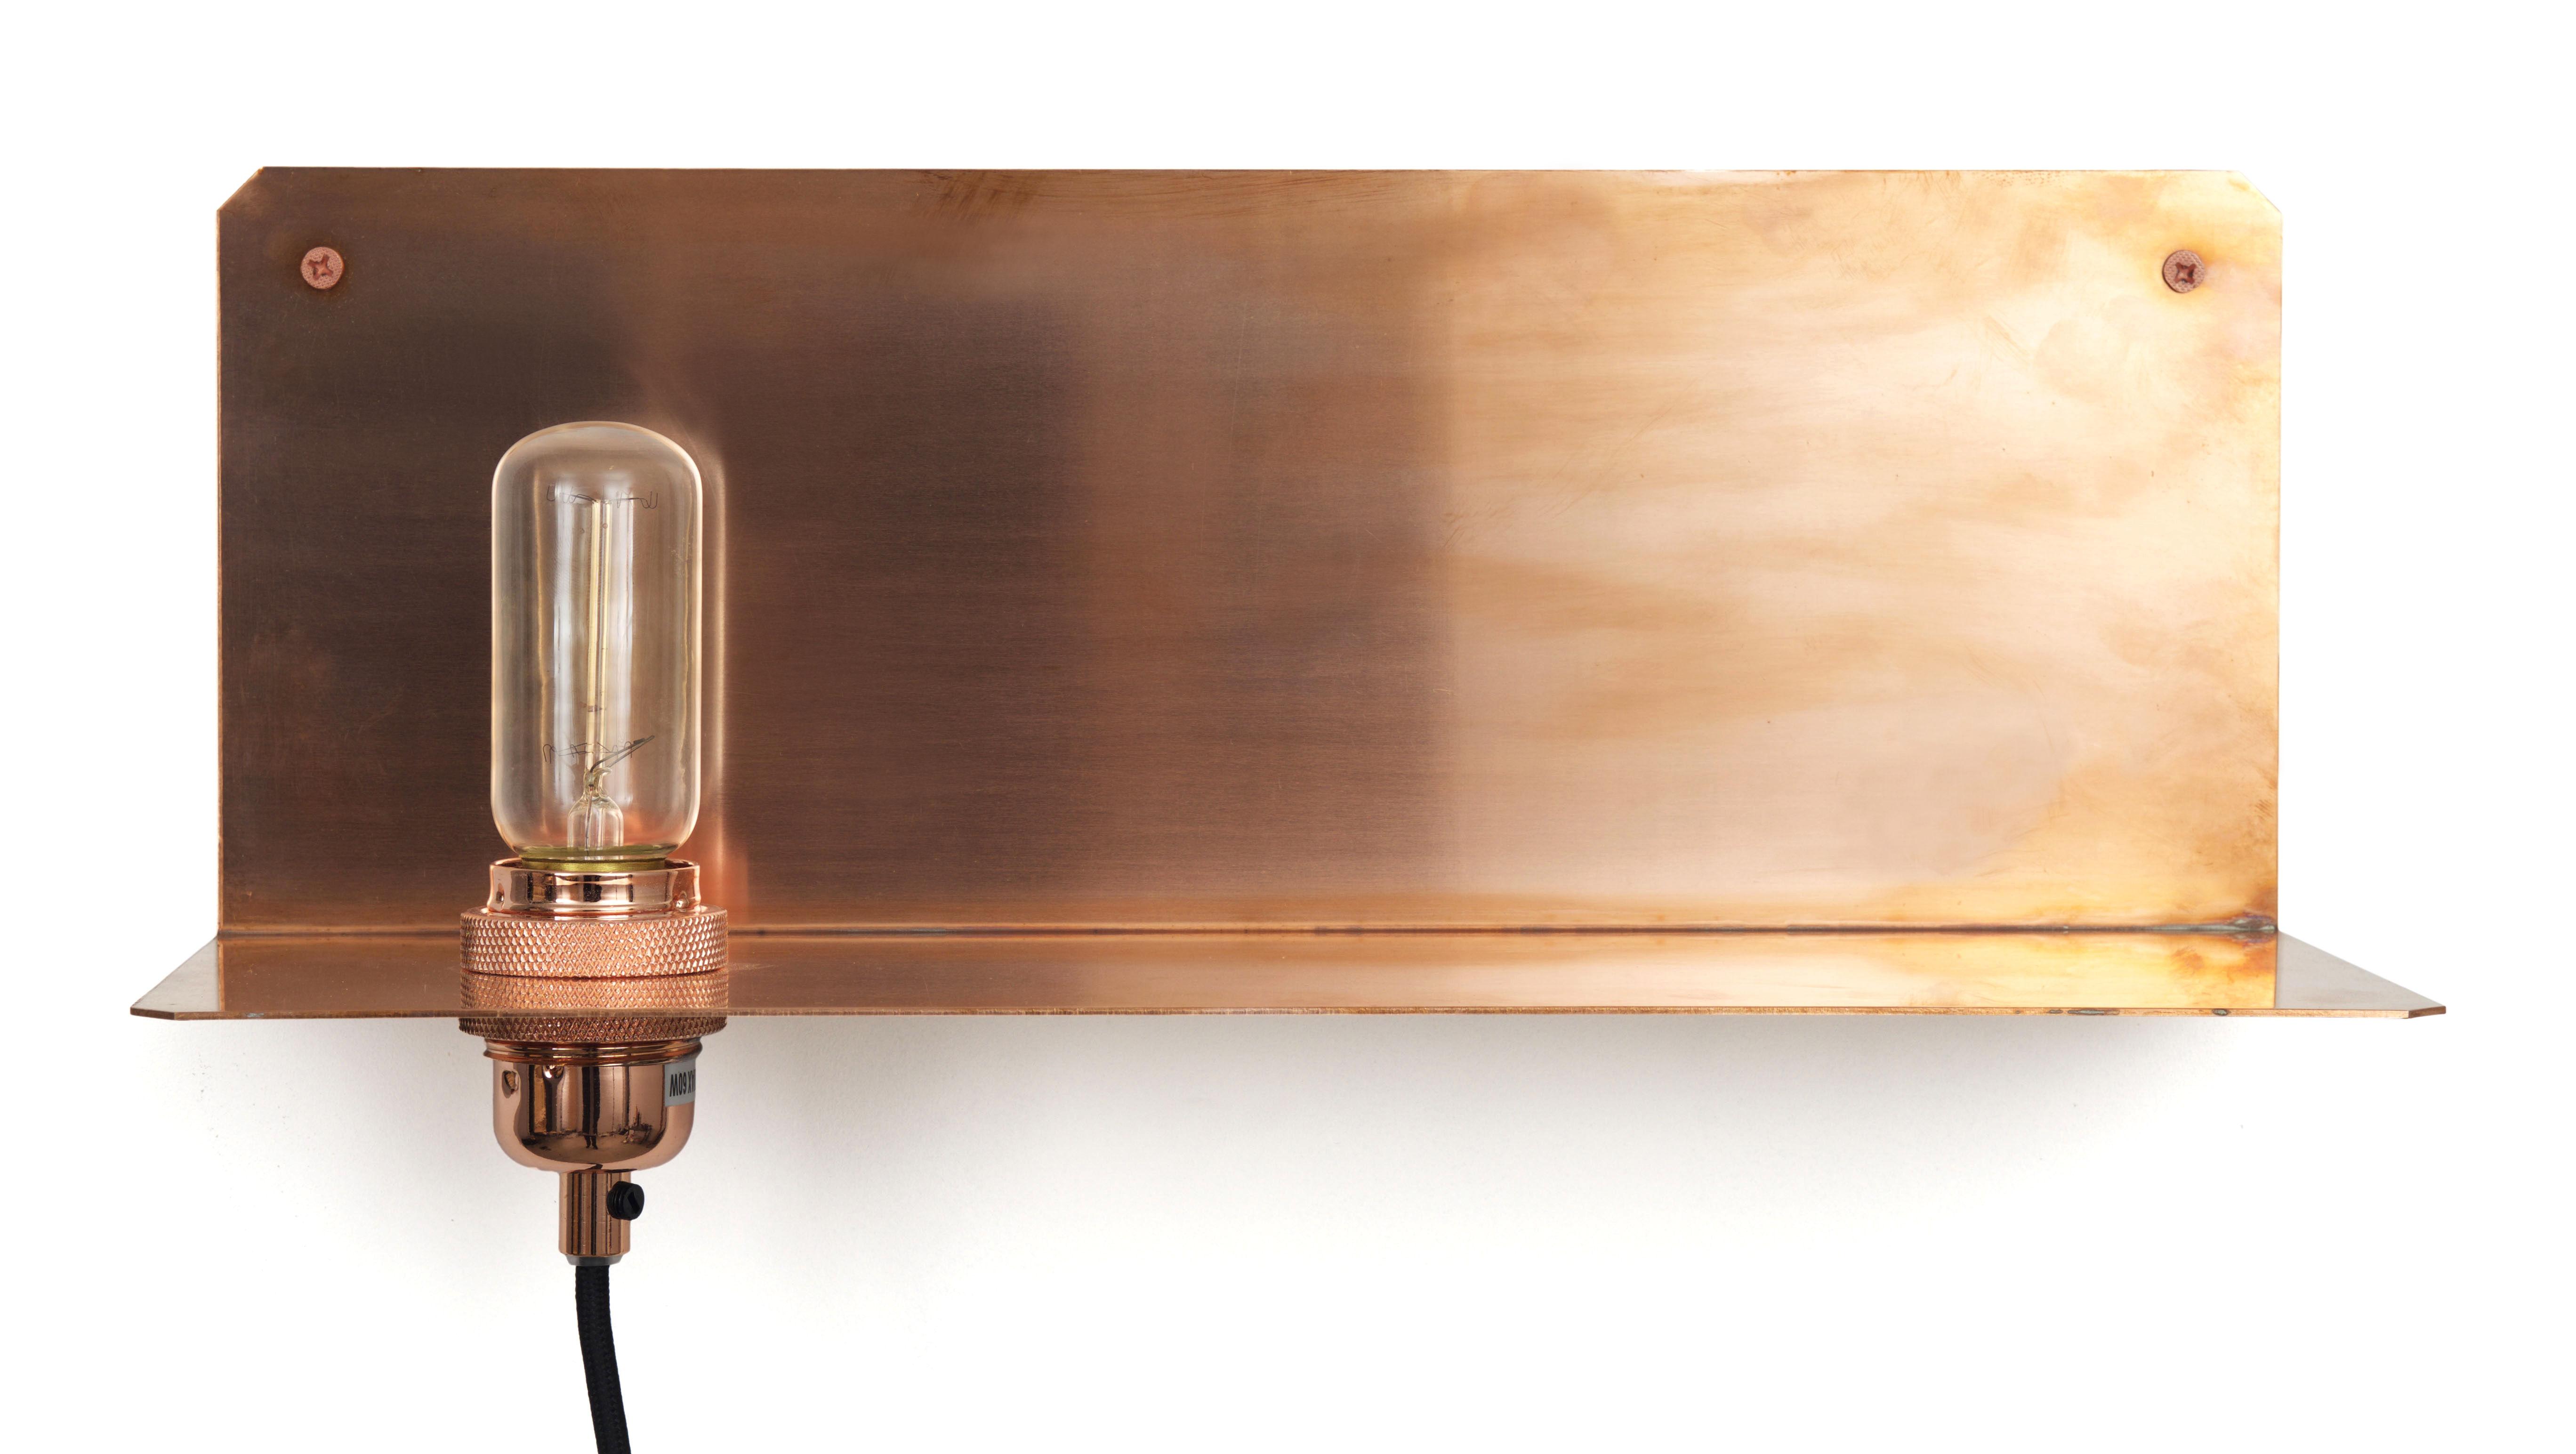 Applique ba tea luci lampada parete ruggine rustica interno e